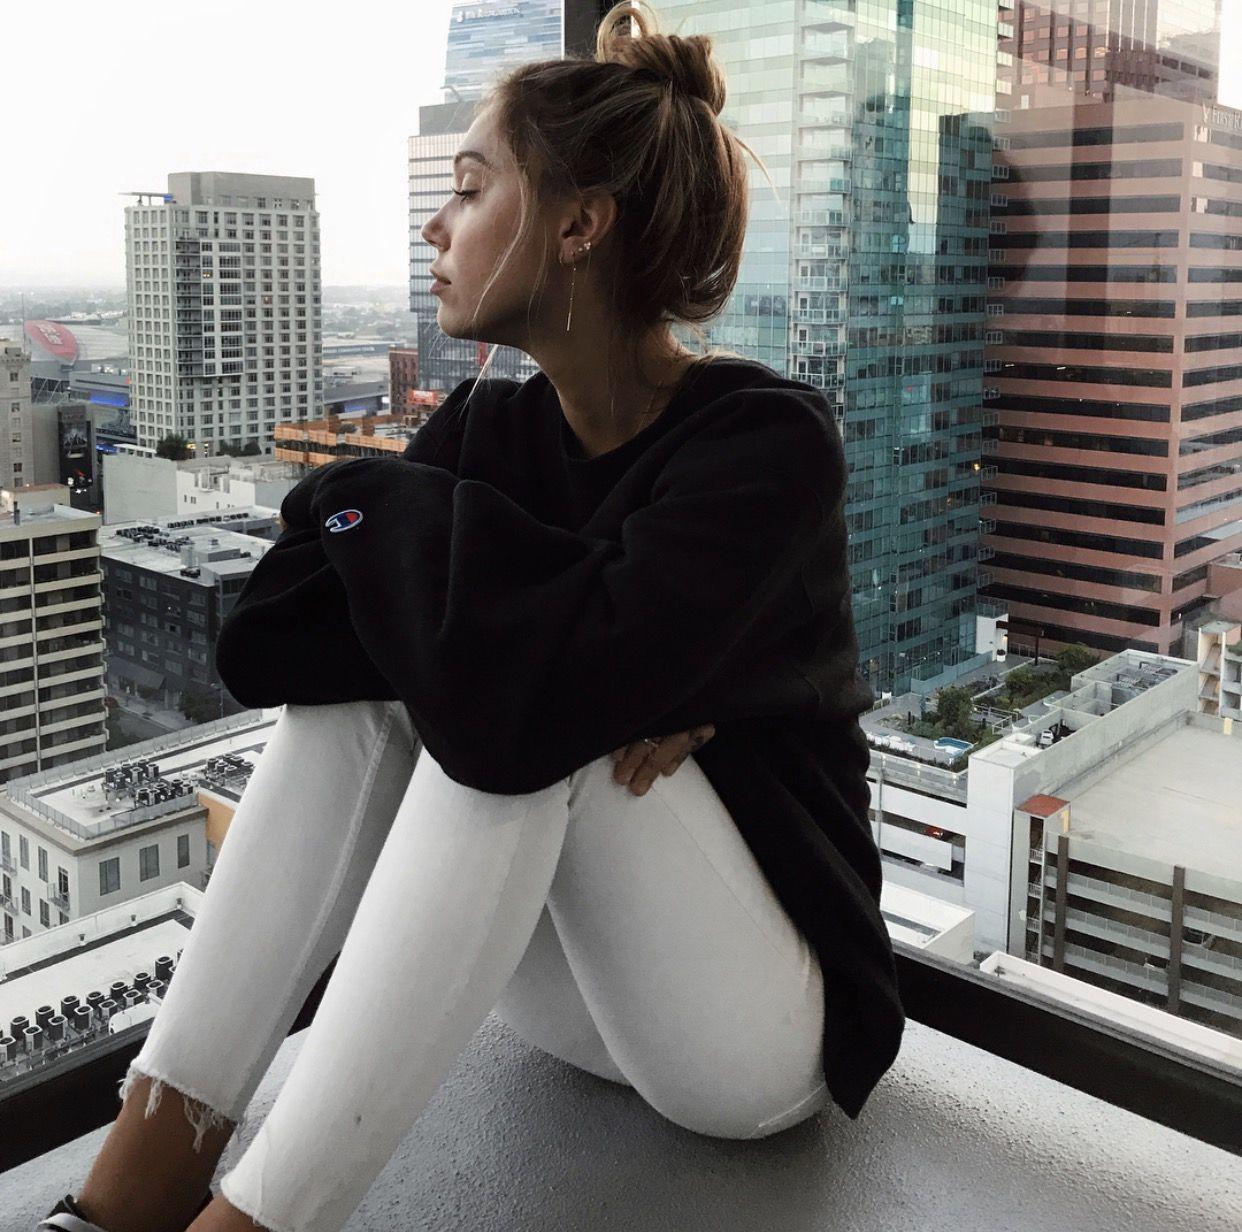 Pin von laura fis auf motivation pinterest kaufen for 90er mode kaufen